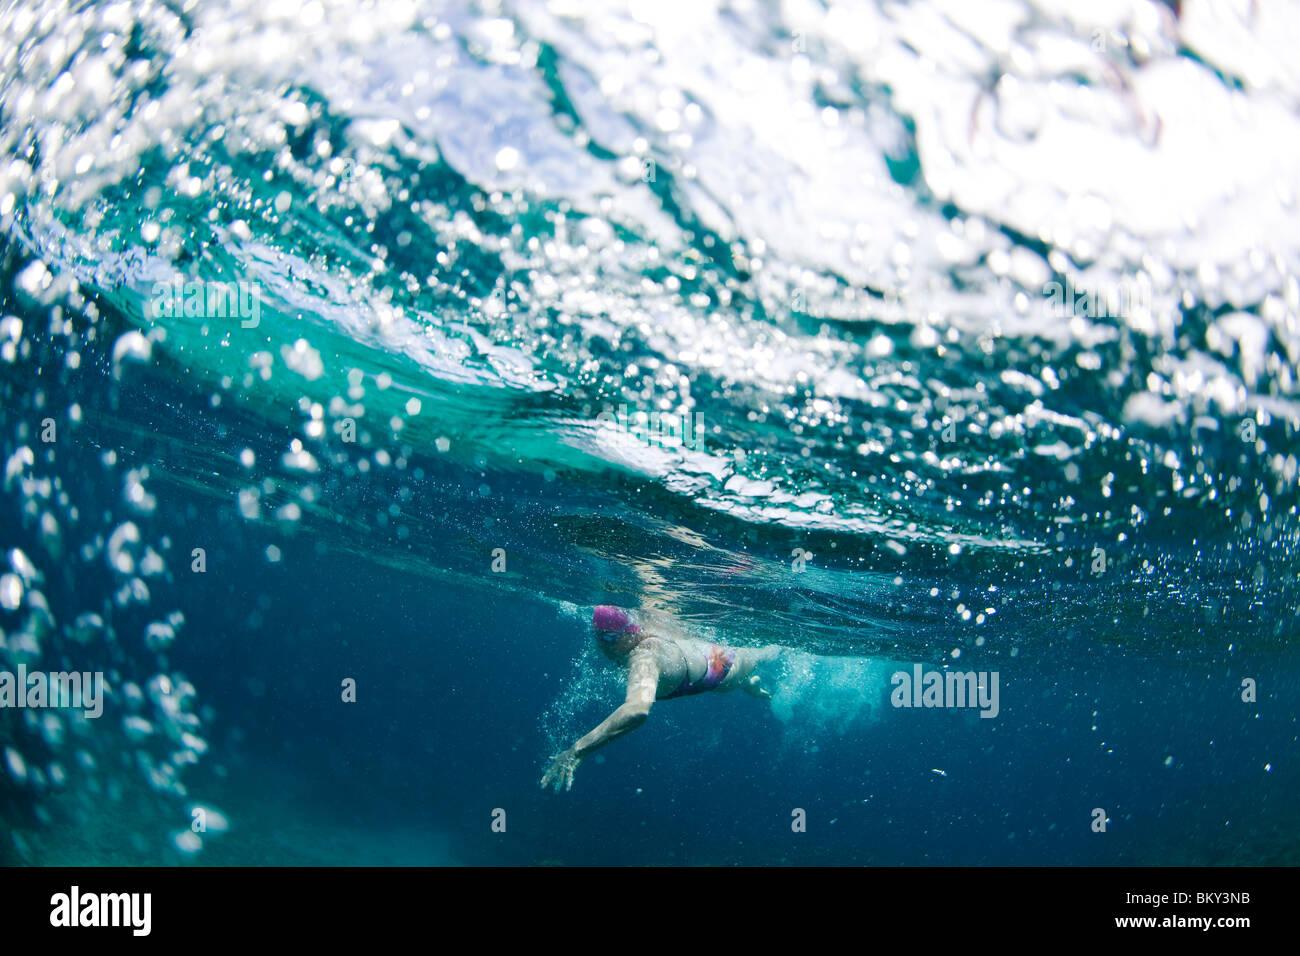 Vue sous-marine d'un nageur bénéficiant d''un bain relaxant dans les eaux tropicales au large Photo Stock